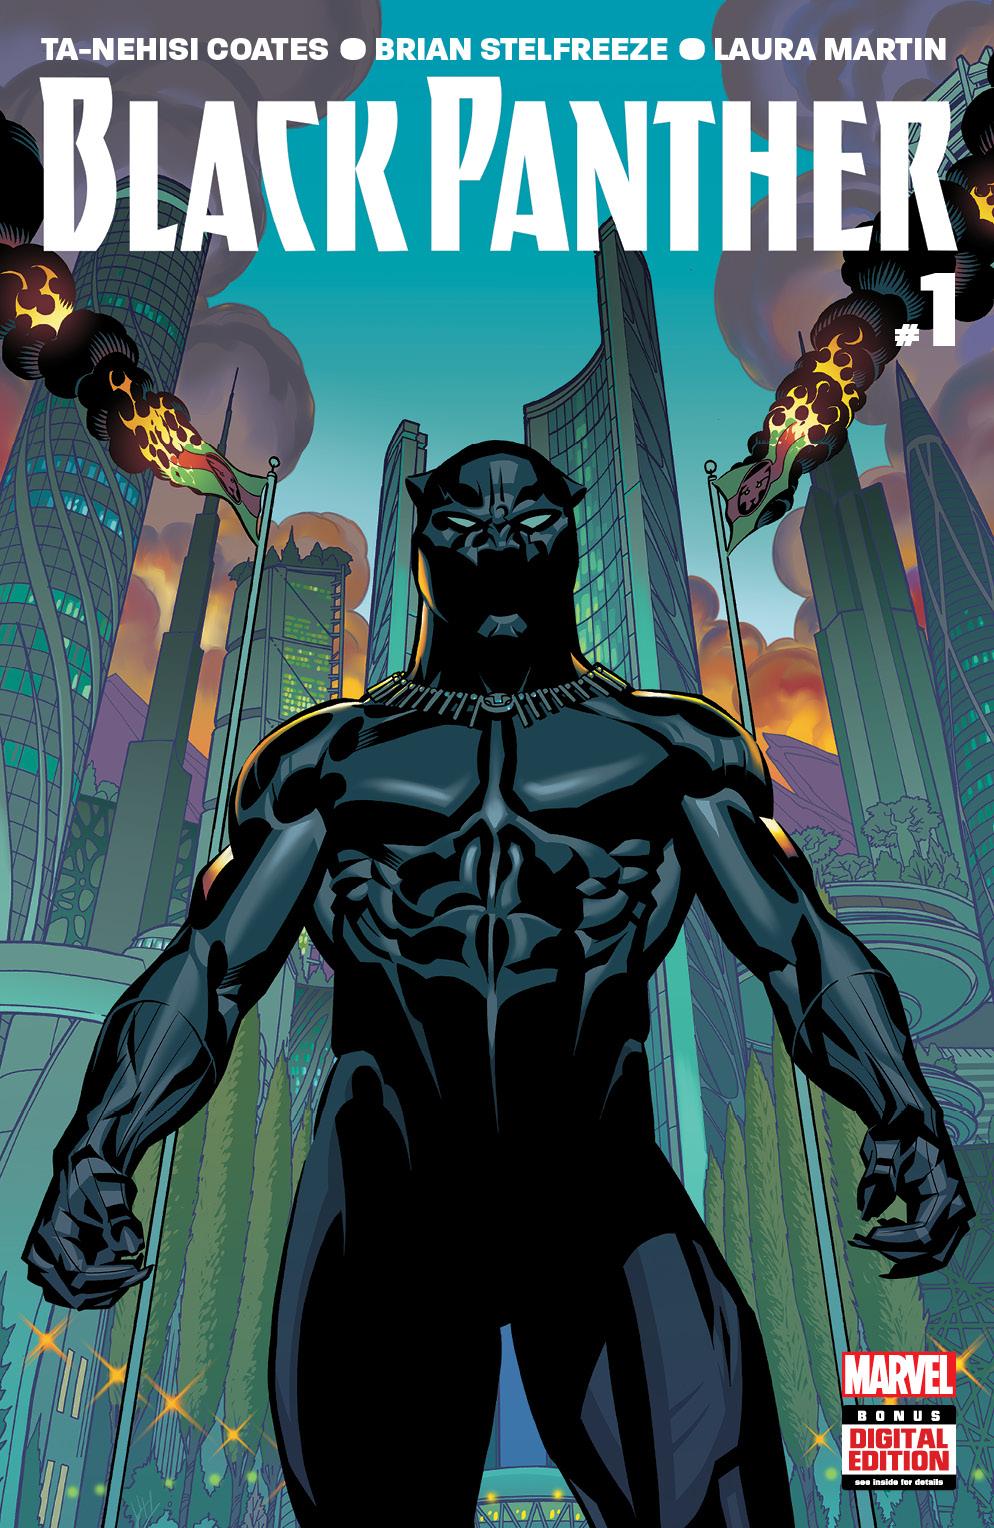 Black Panther (2016) #1